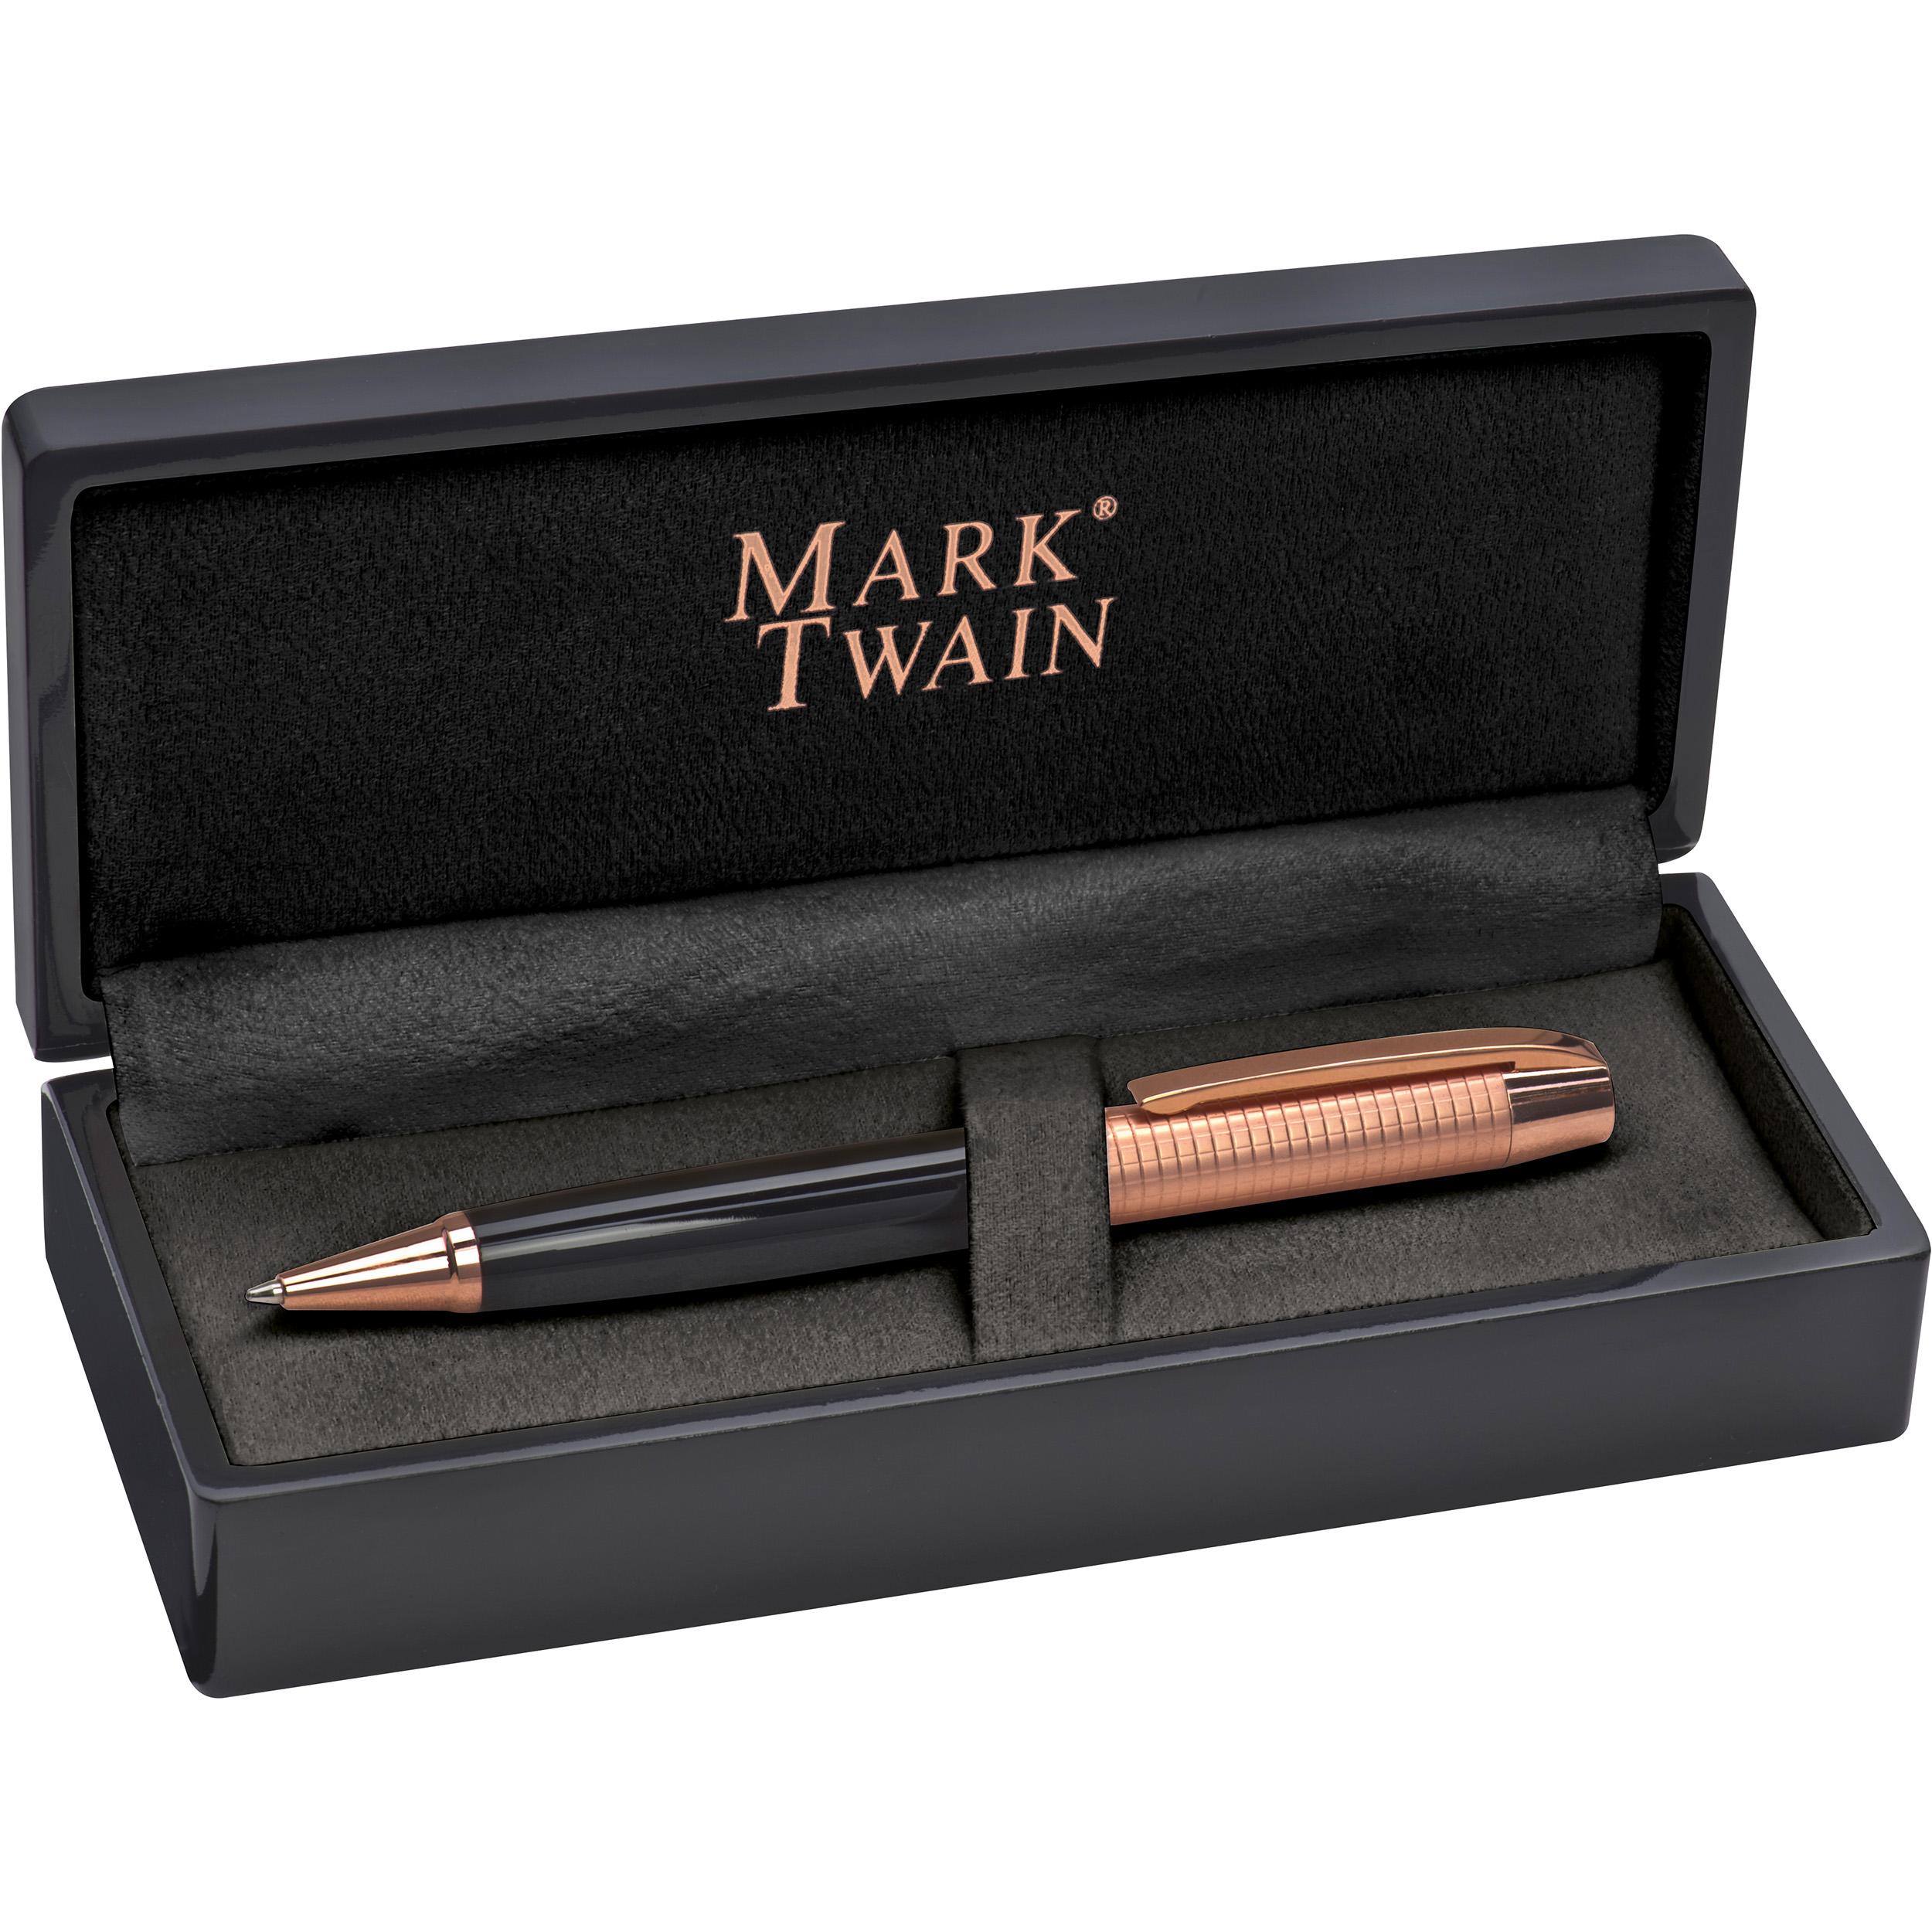 Stylo Mark Twain